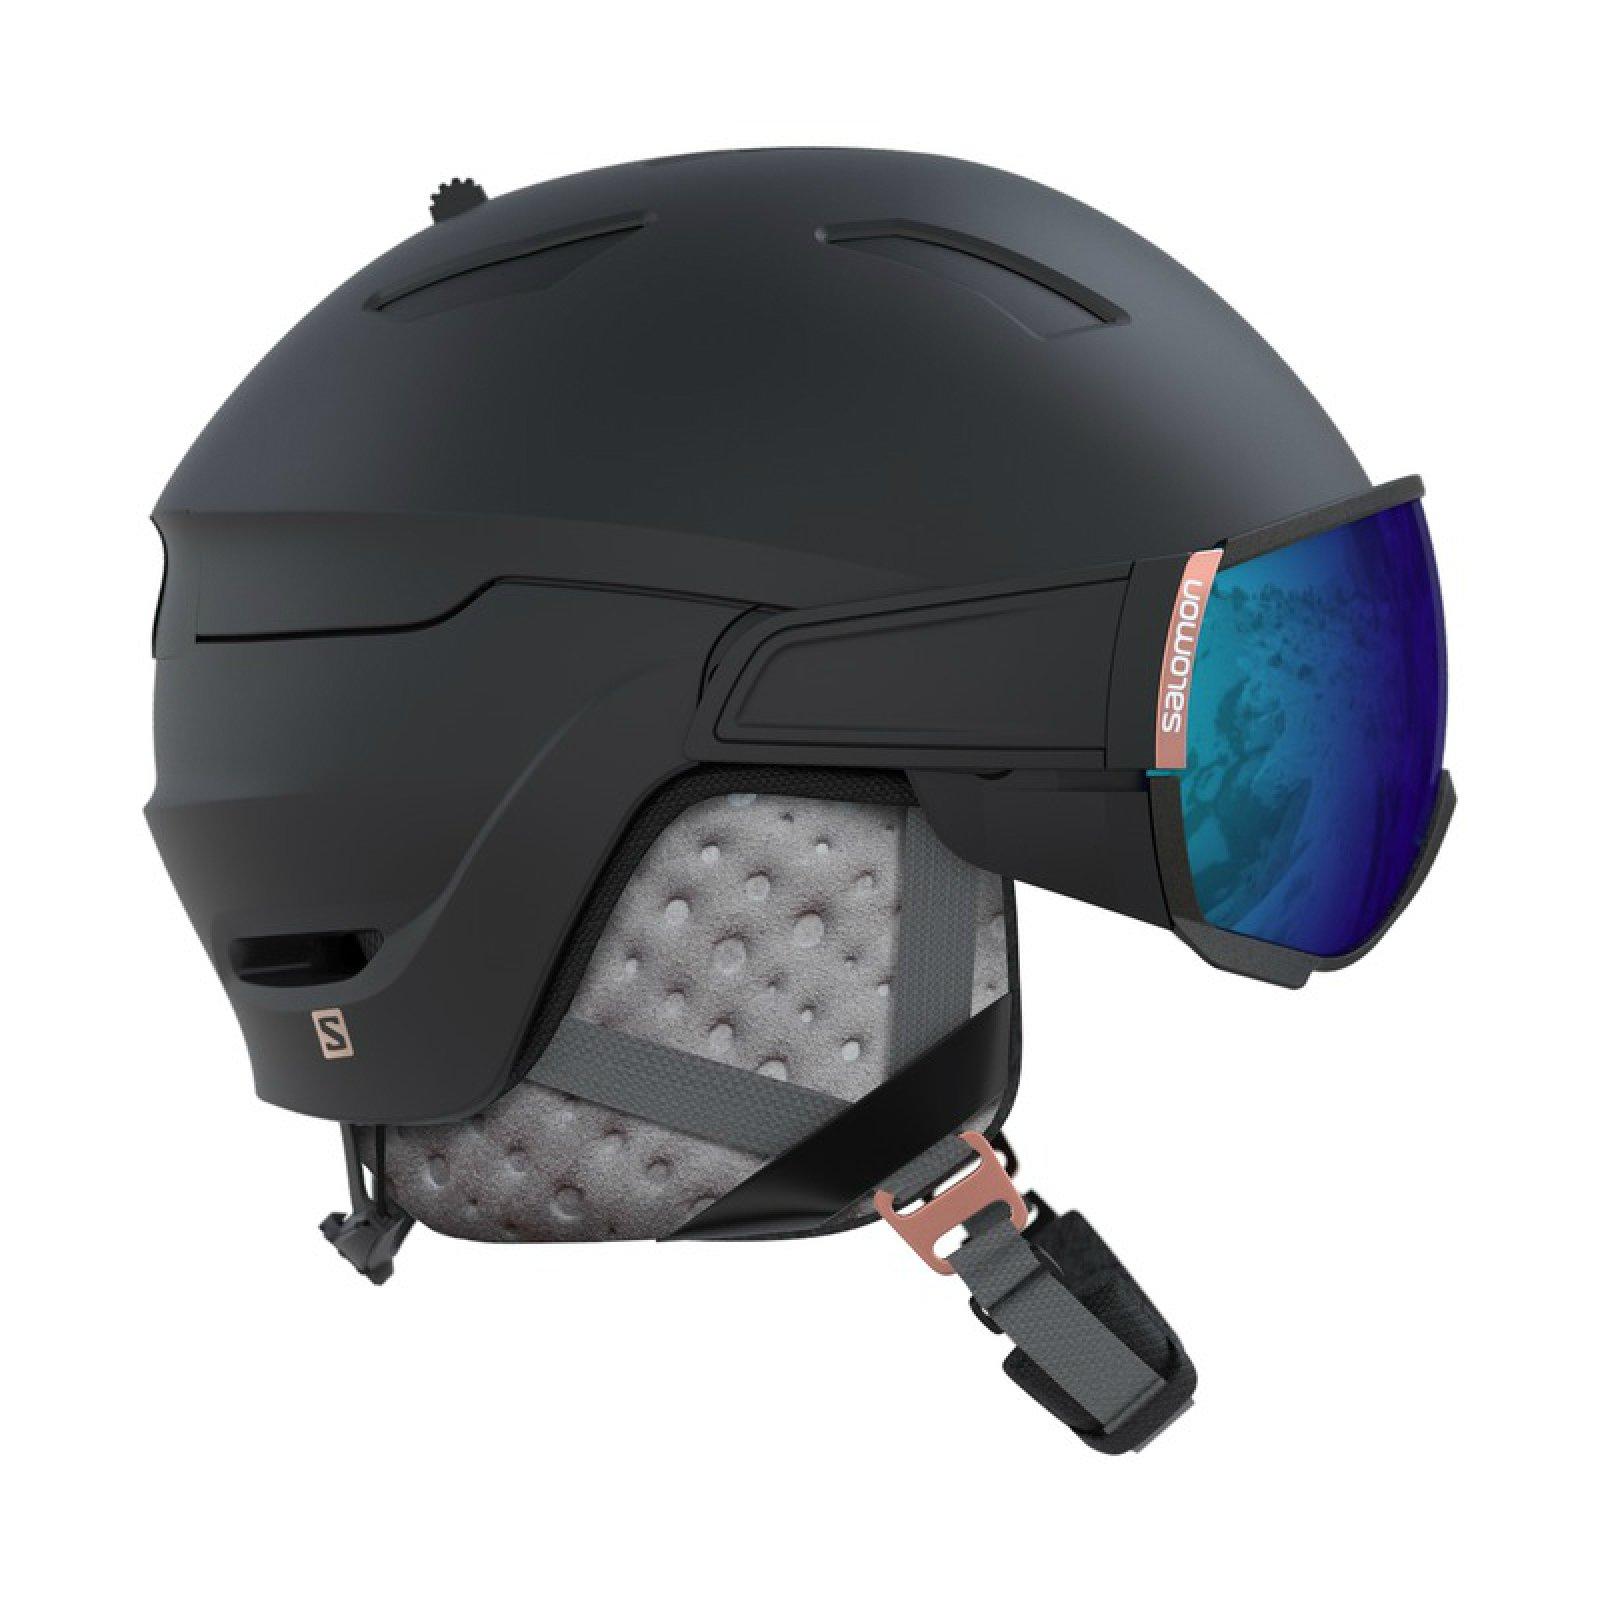 Lyžařská helma Salomon Mirage W L39919700 18 19 - Actisport.cz ce460357bc